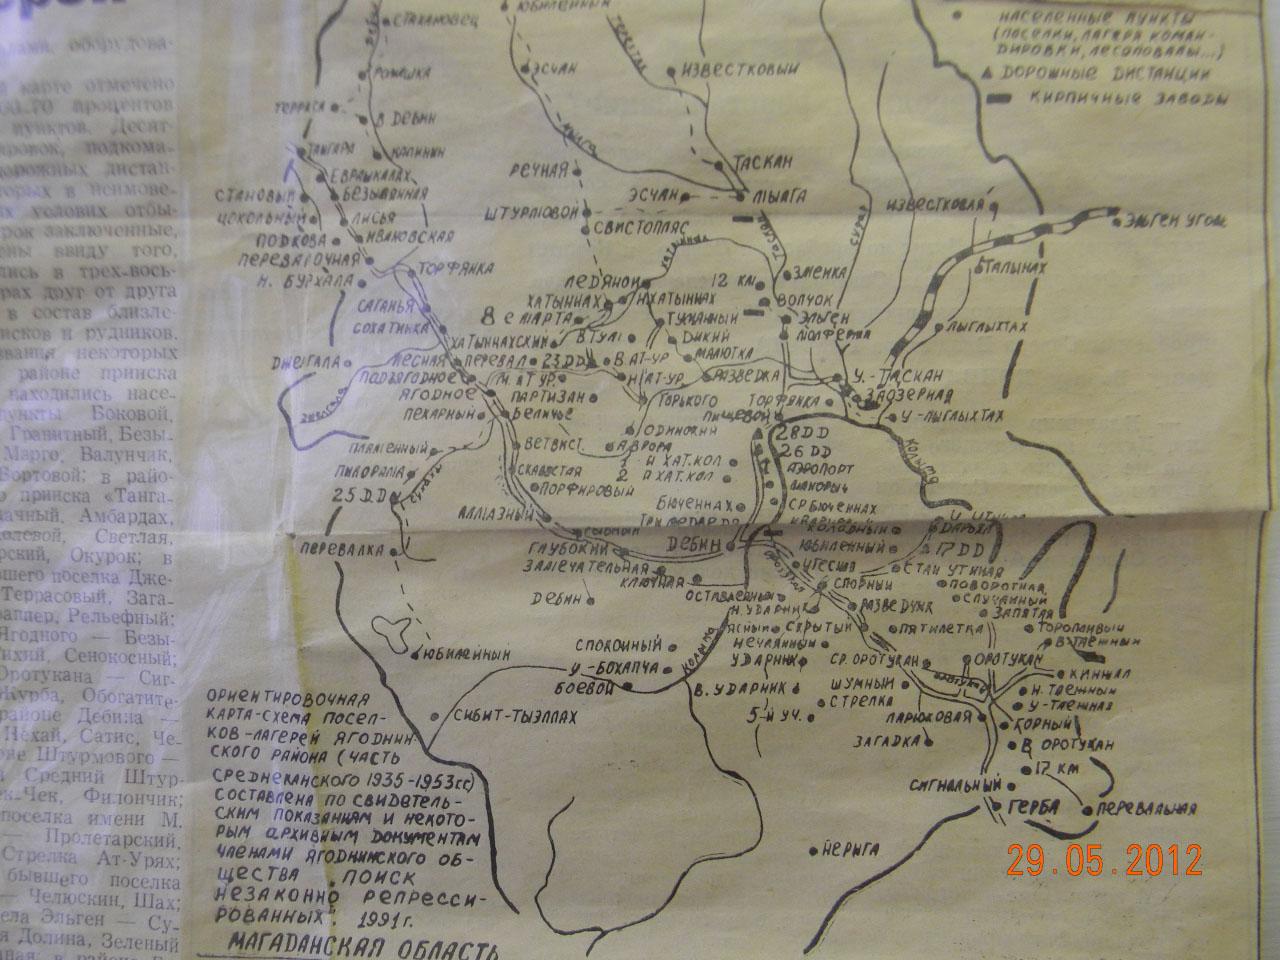 Карта лагерей Ягоднинского района